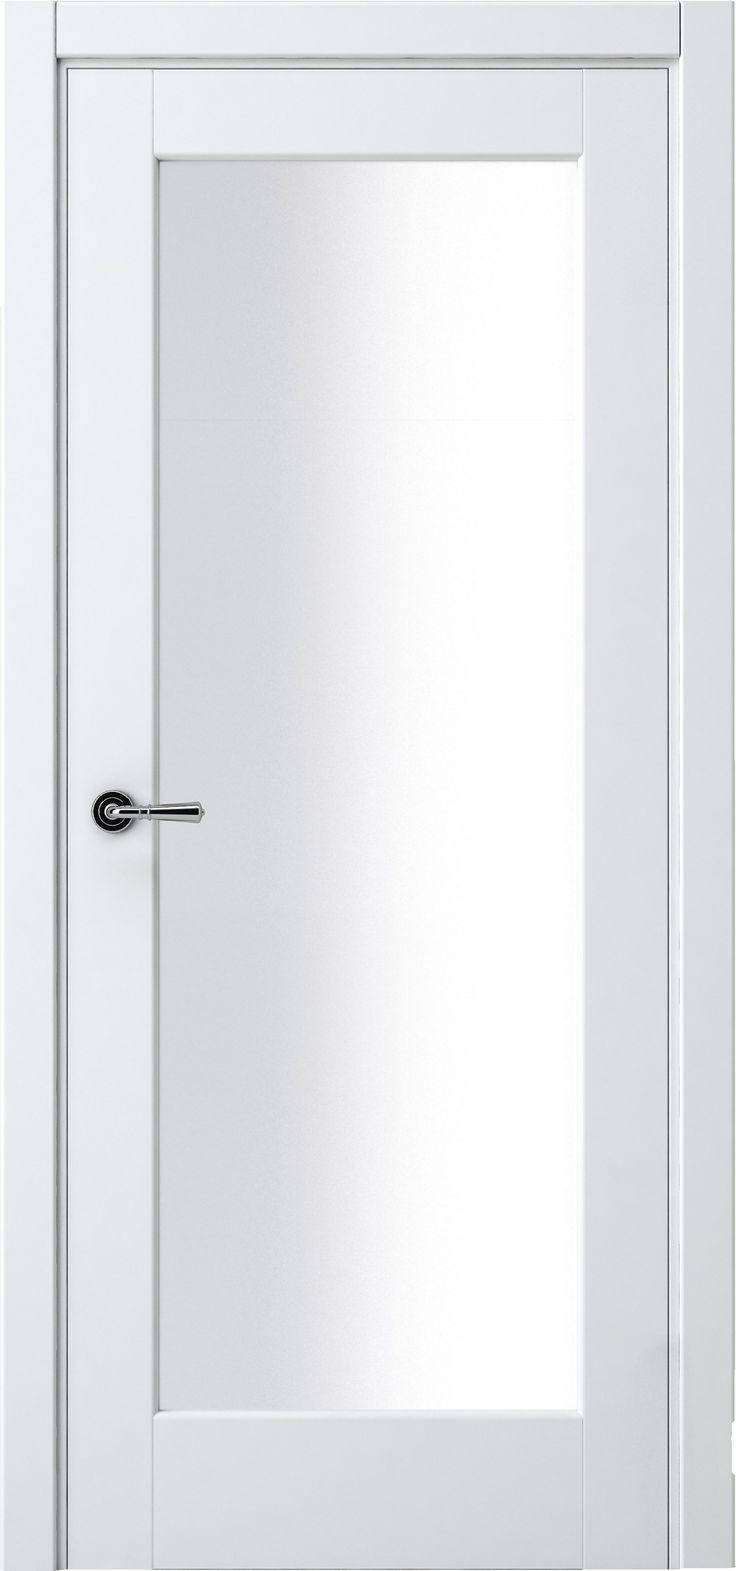 Межкомнатная дверь Волховец Galant 7138 Белый Шелк, Сатин в классическом стиле.